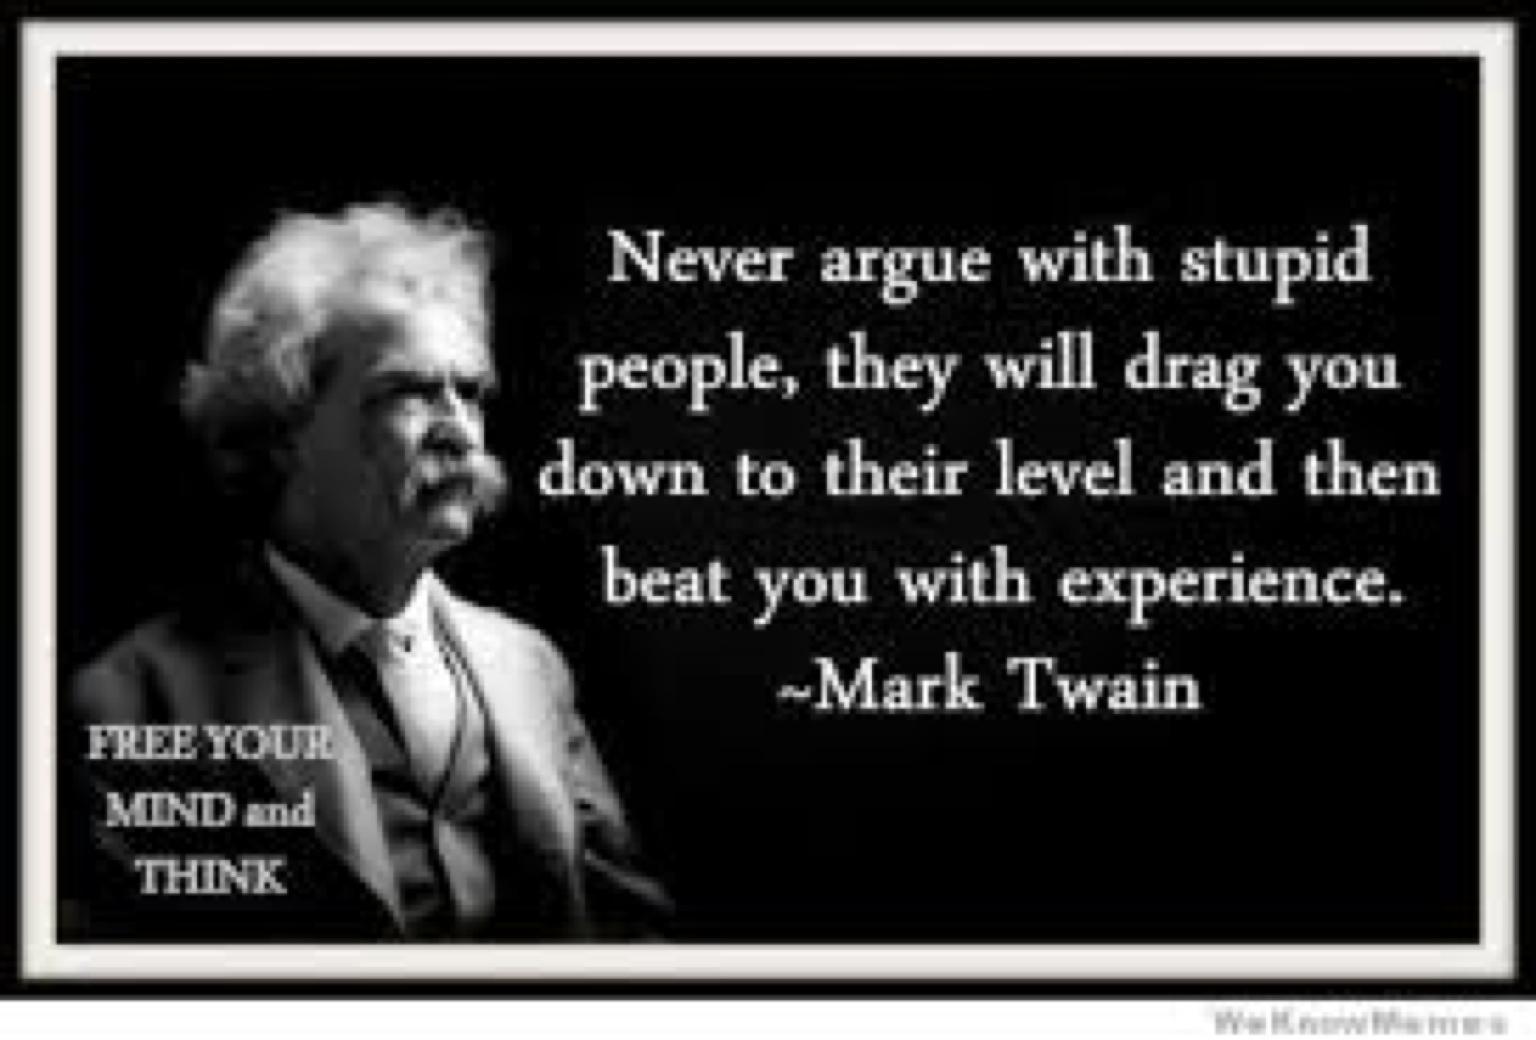 المستشار محمدالدهام On Twitter لا تجادل الجاهل او الاحمق او الغبي فهم سينزلون بك لمستواهم ثم سيهزمونك في تخصصهم وخبرتهم في الغباء او الحماقة Http T Co 3xavtpsxyc